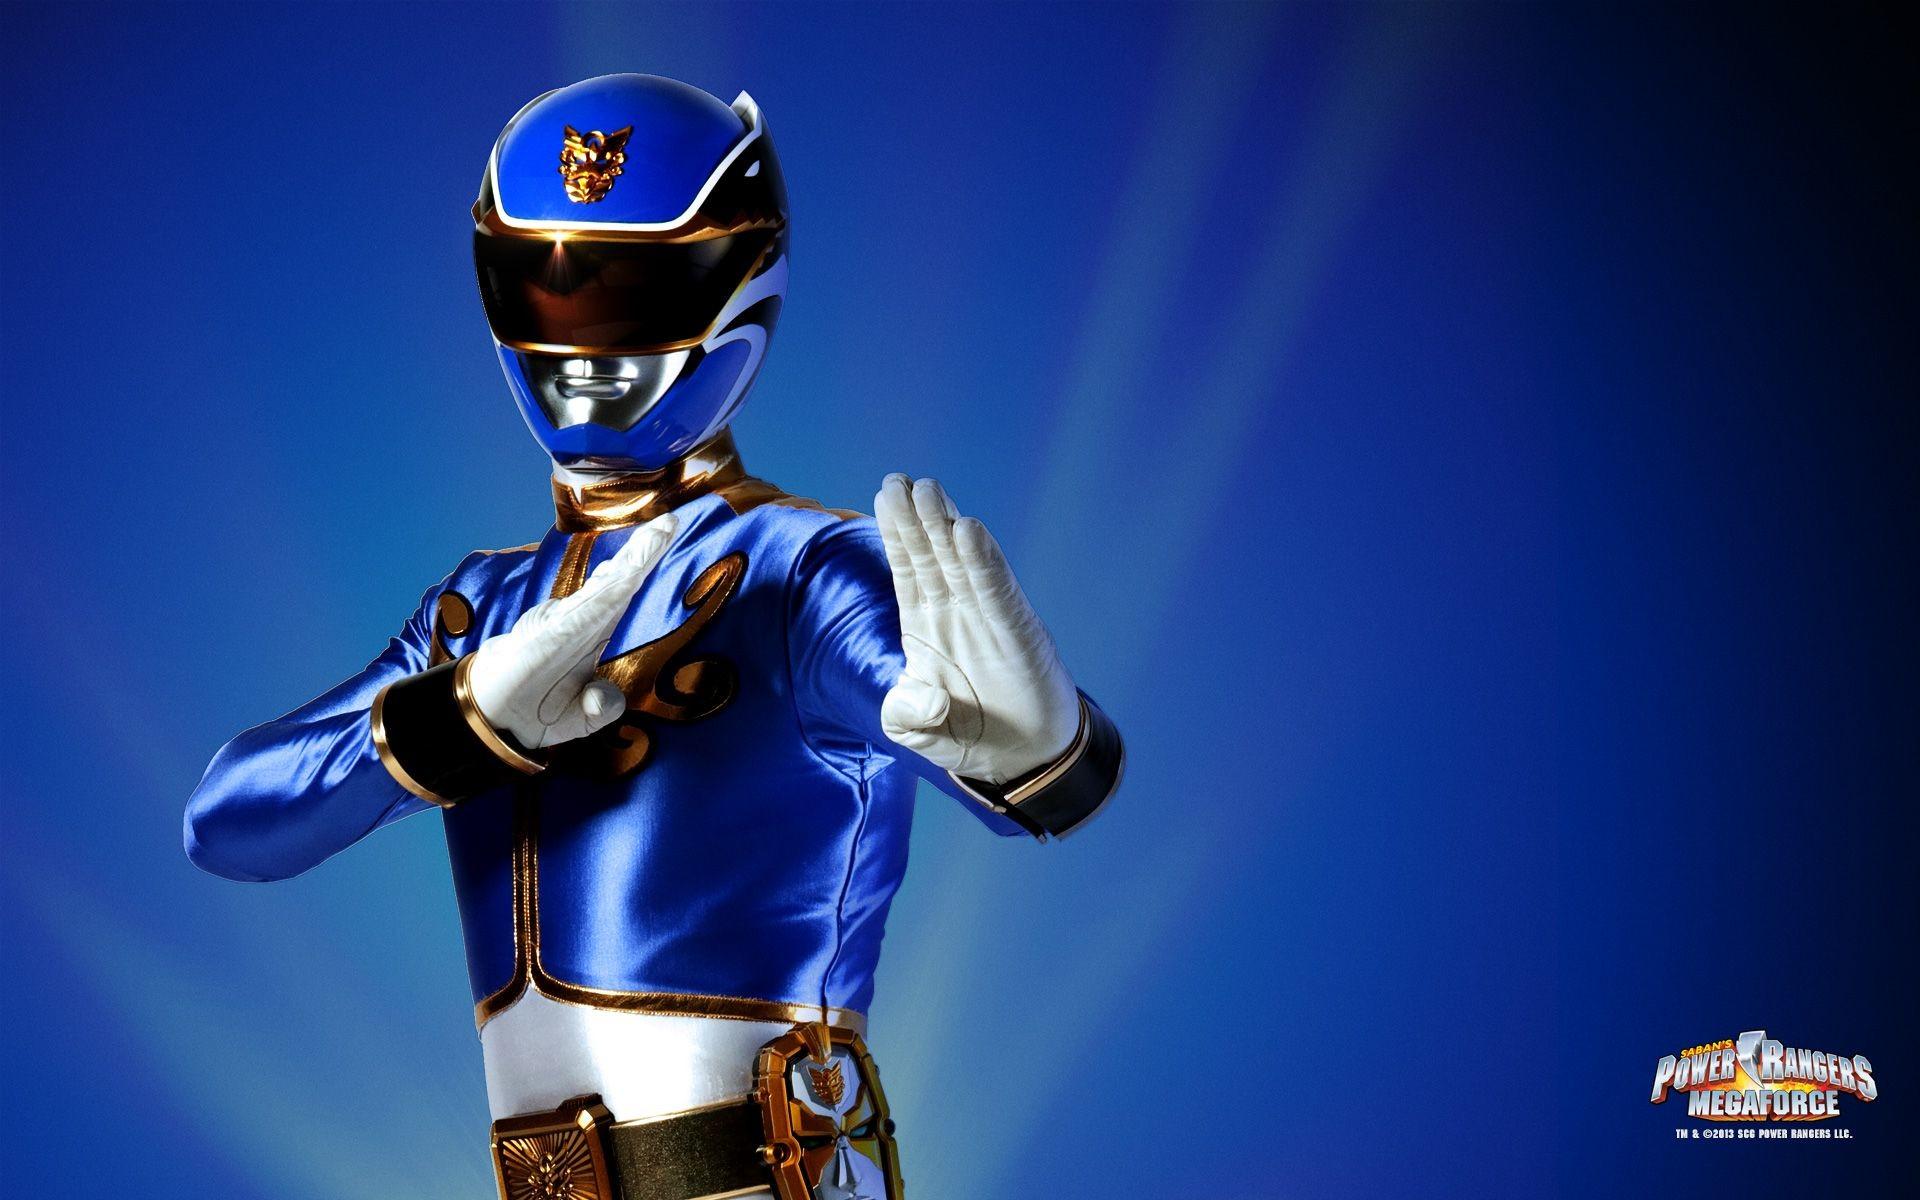 Blue Power Ranger Wallpaper 65 Images